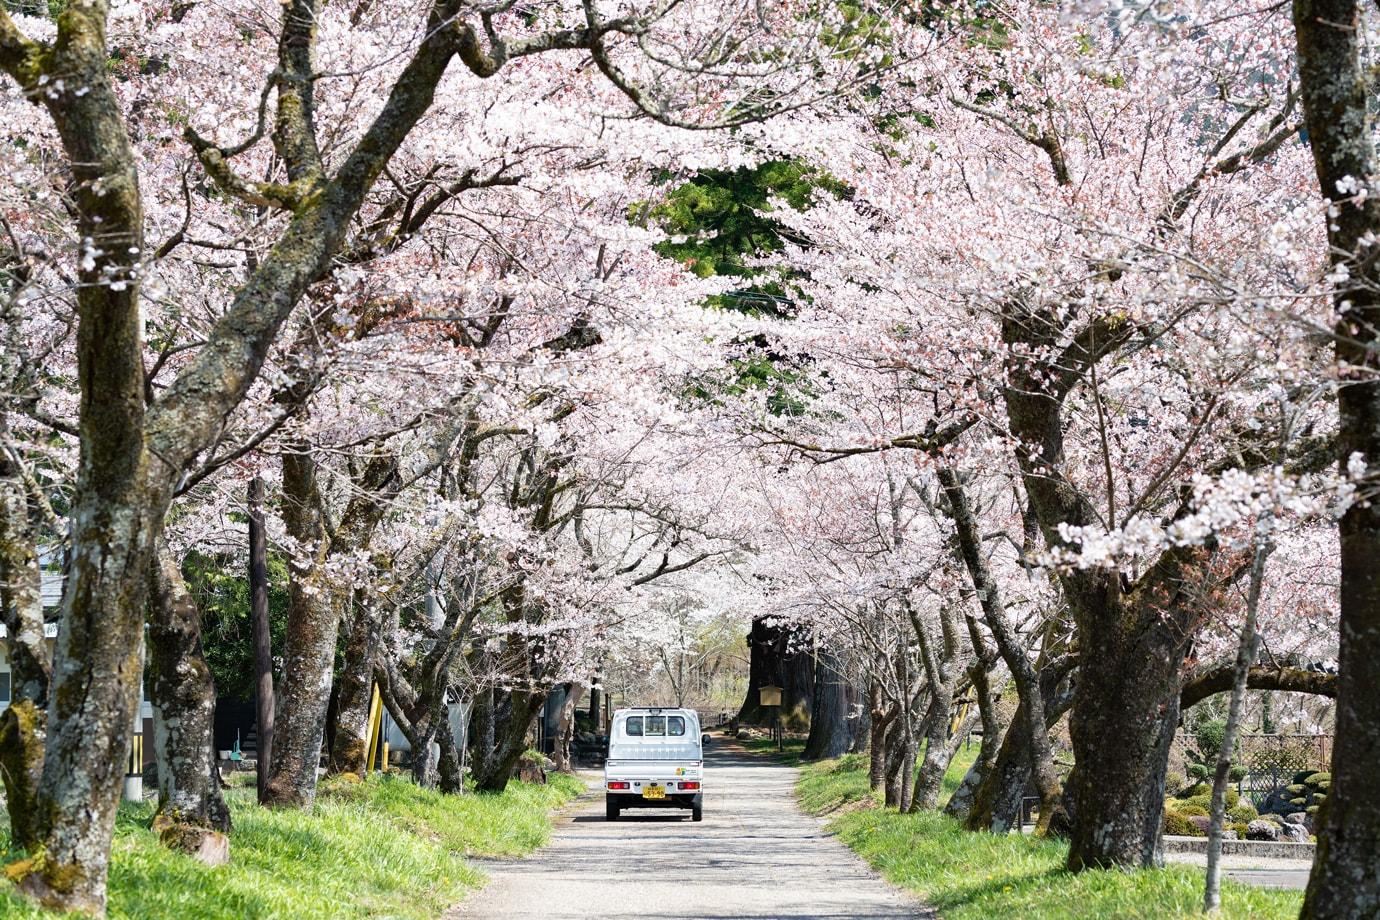 明建神社参道の桜並木 スライダー画像2